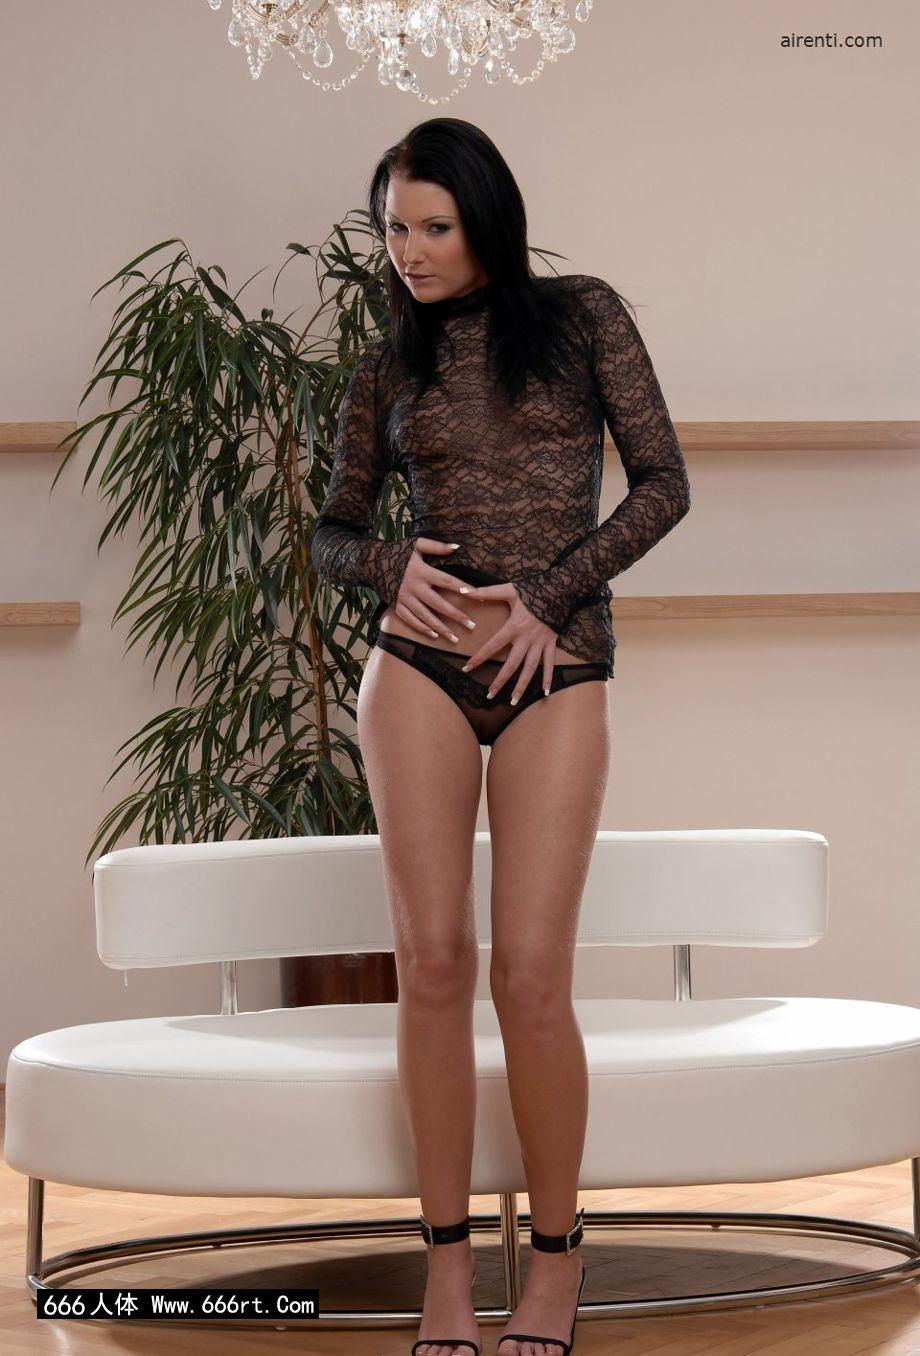 超模Janet居家室拍薄透情趣内裤写照